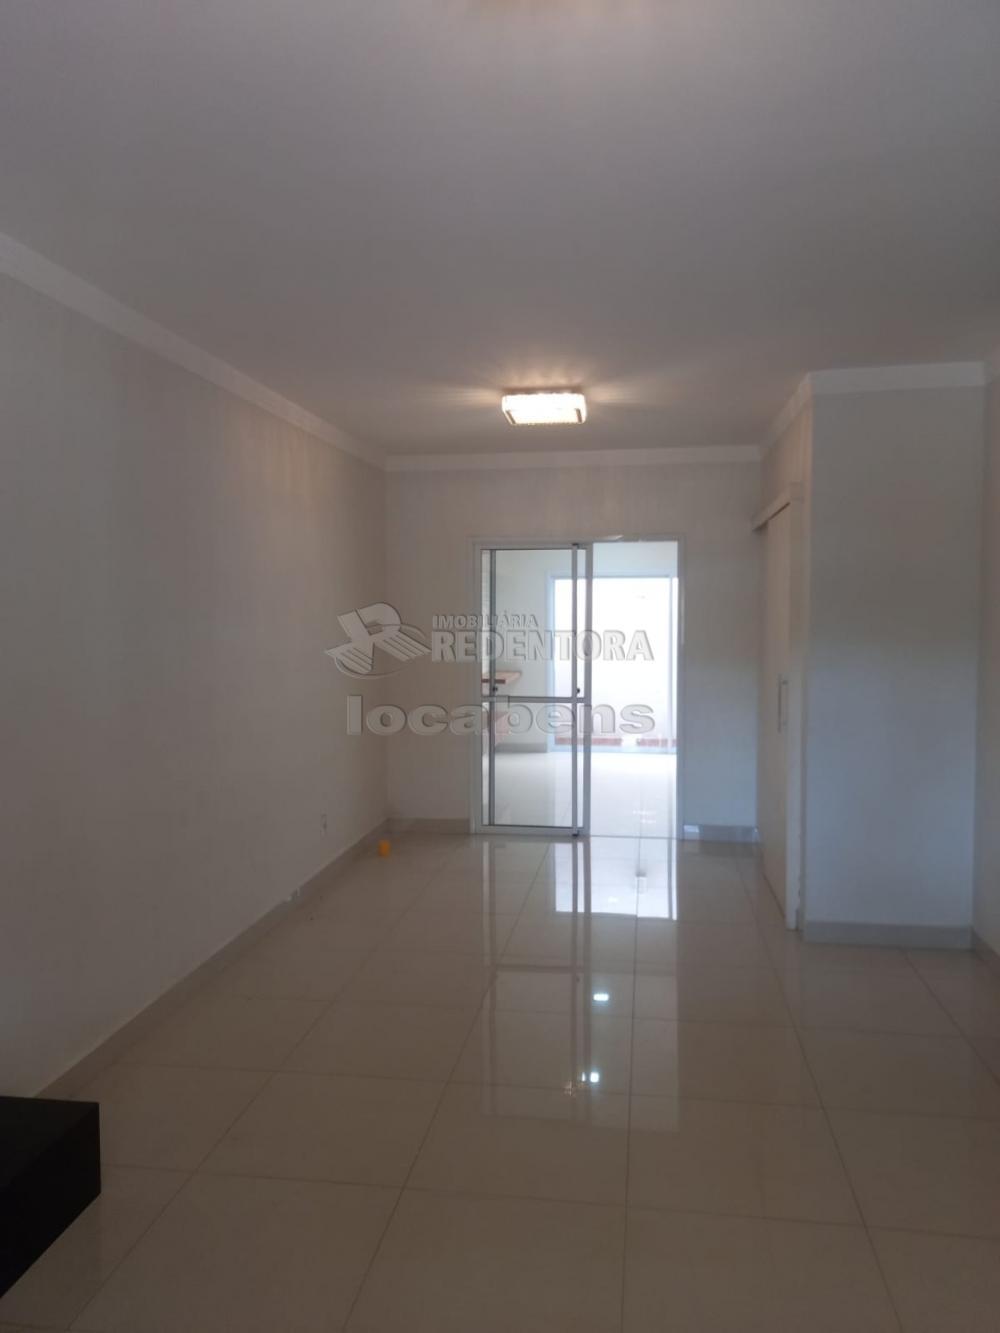 Comprar Casa / Condomínio em São José do Rio Preto R$ 620.000,00 - Foto 5